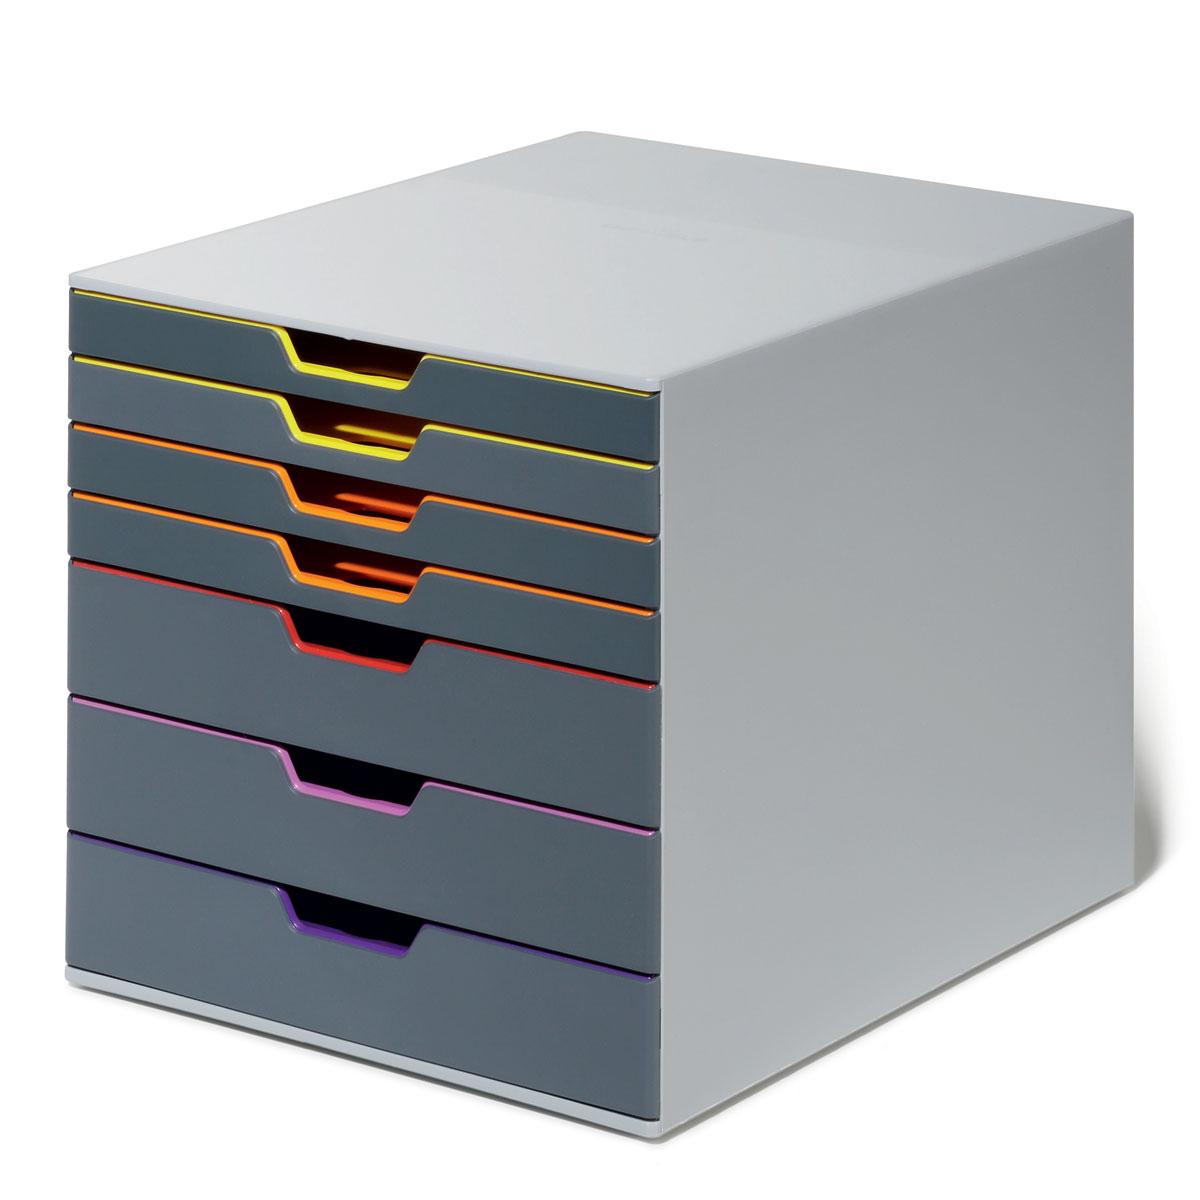 Короб для документов Durable Varicolor. 7607-277607-27Выполнен из высококачественного пластика. Выдвижные ящики закрытого типа, оснащены стопорами и табуляторами для маркировки. Боксы можно устанавливать друг на друга, фиксируются при помощи резиновых ножек. 7 ящиков. Размер 292x280x356 мм